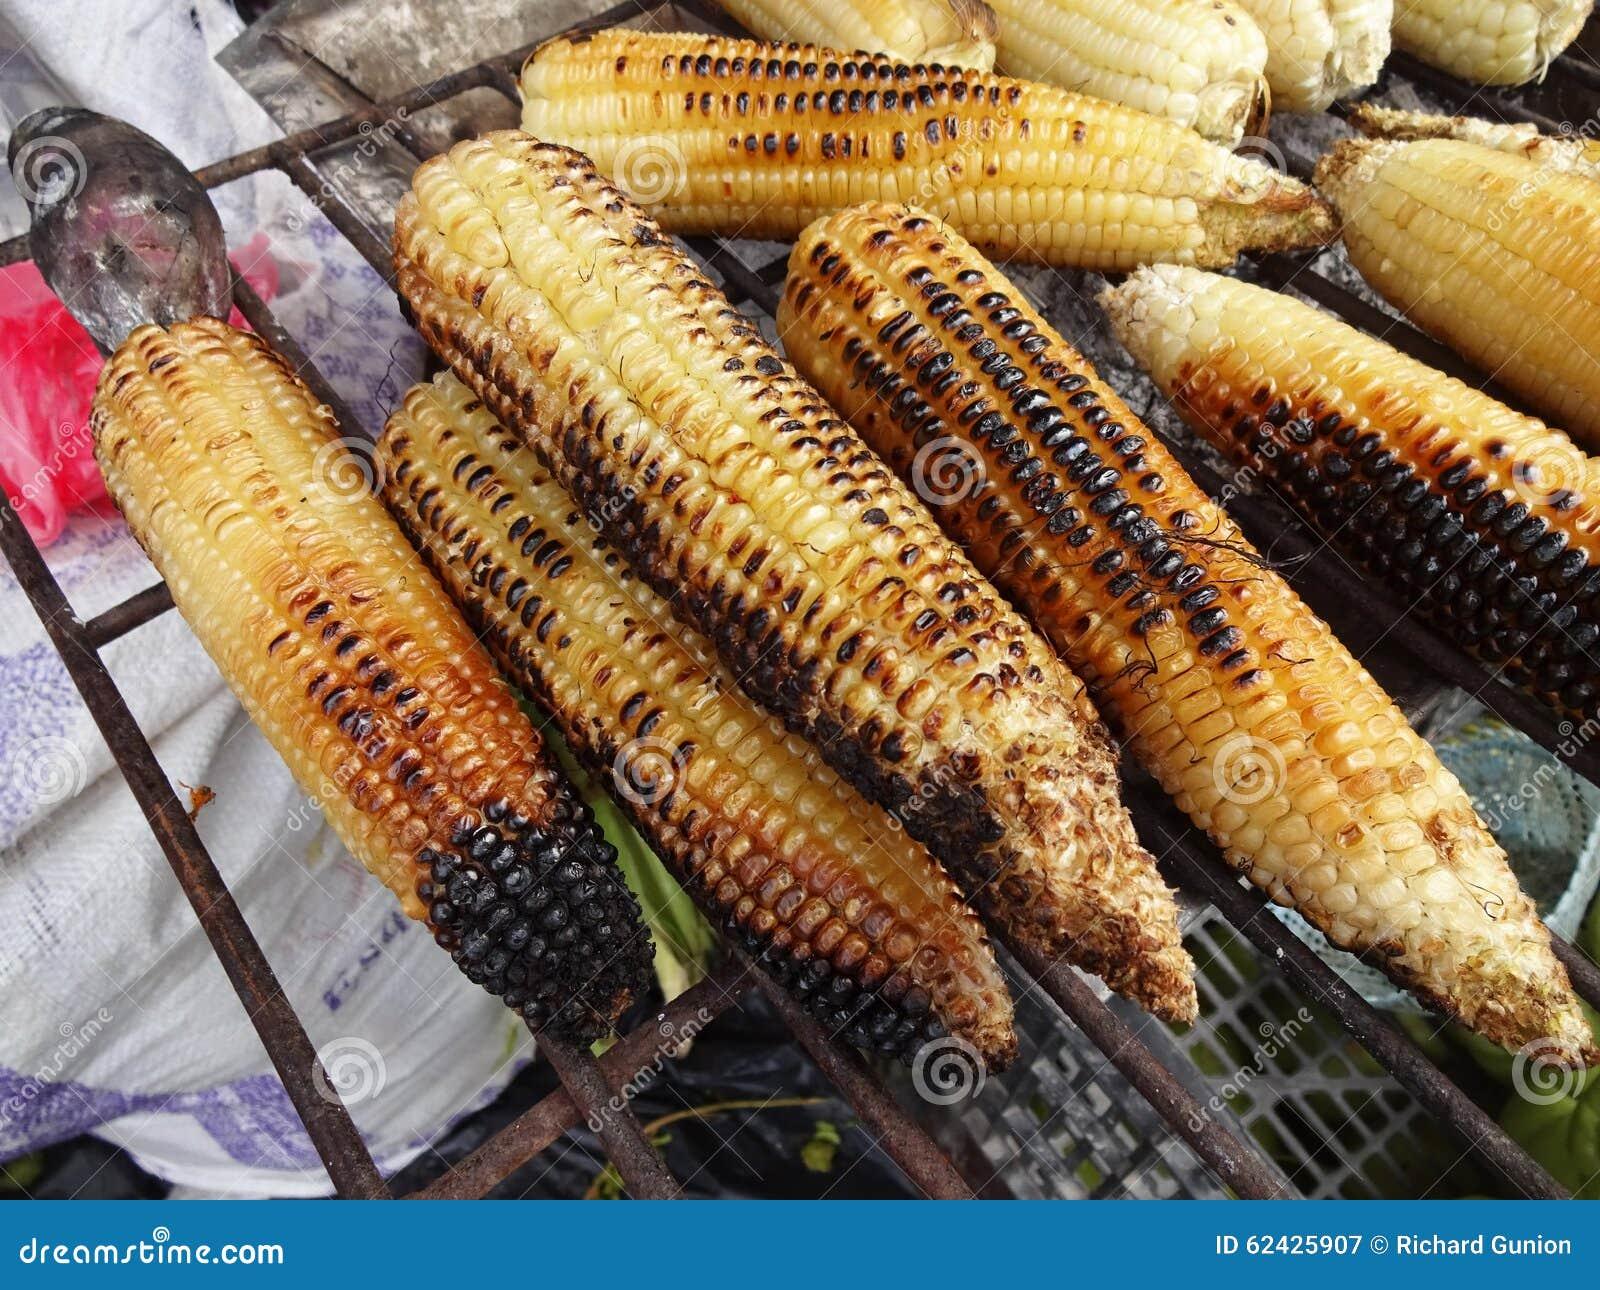 Milho grelhado no mercado em México